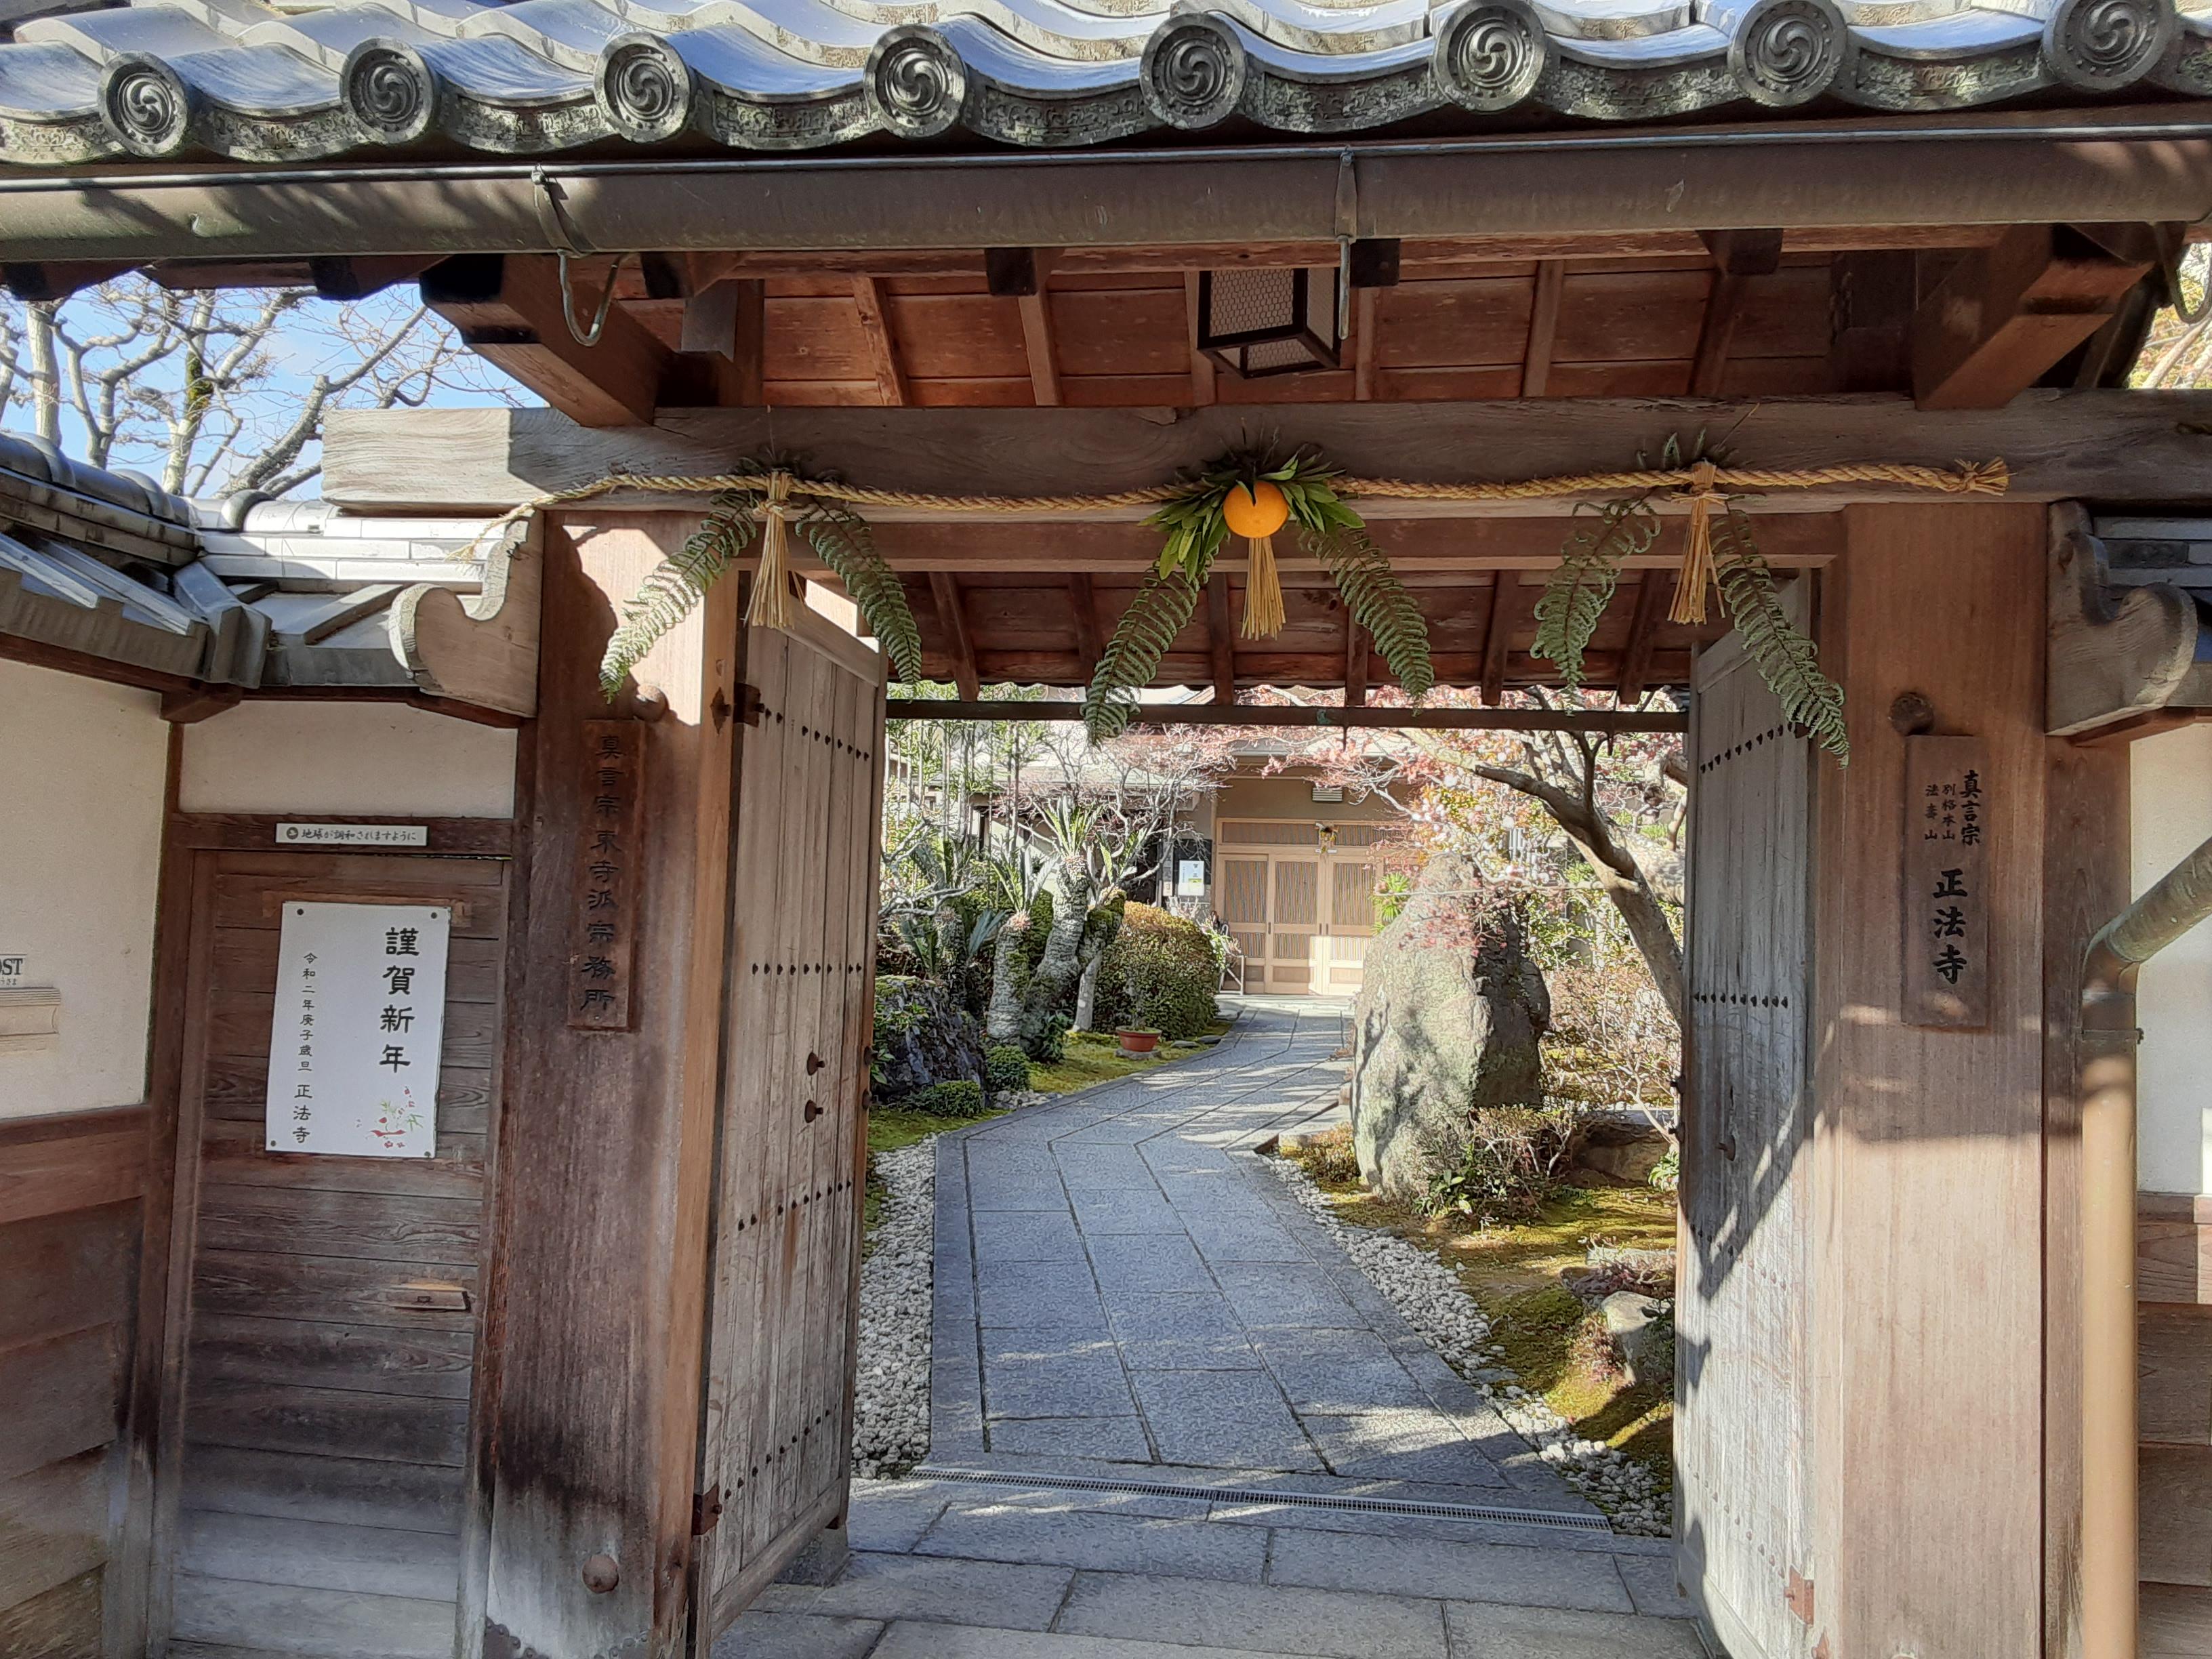 令和2年初写経の後は大原野神社へ参拝しました🎍🐭🎍